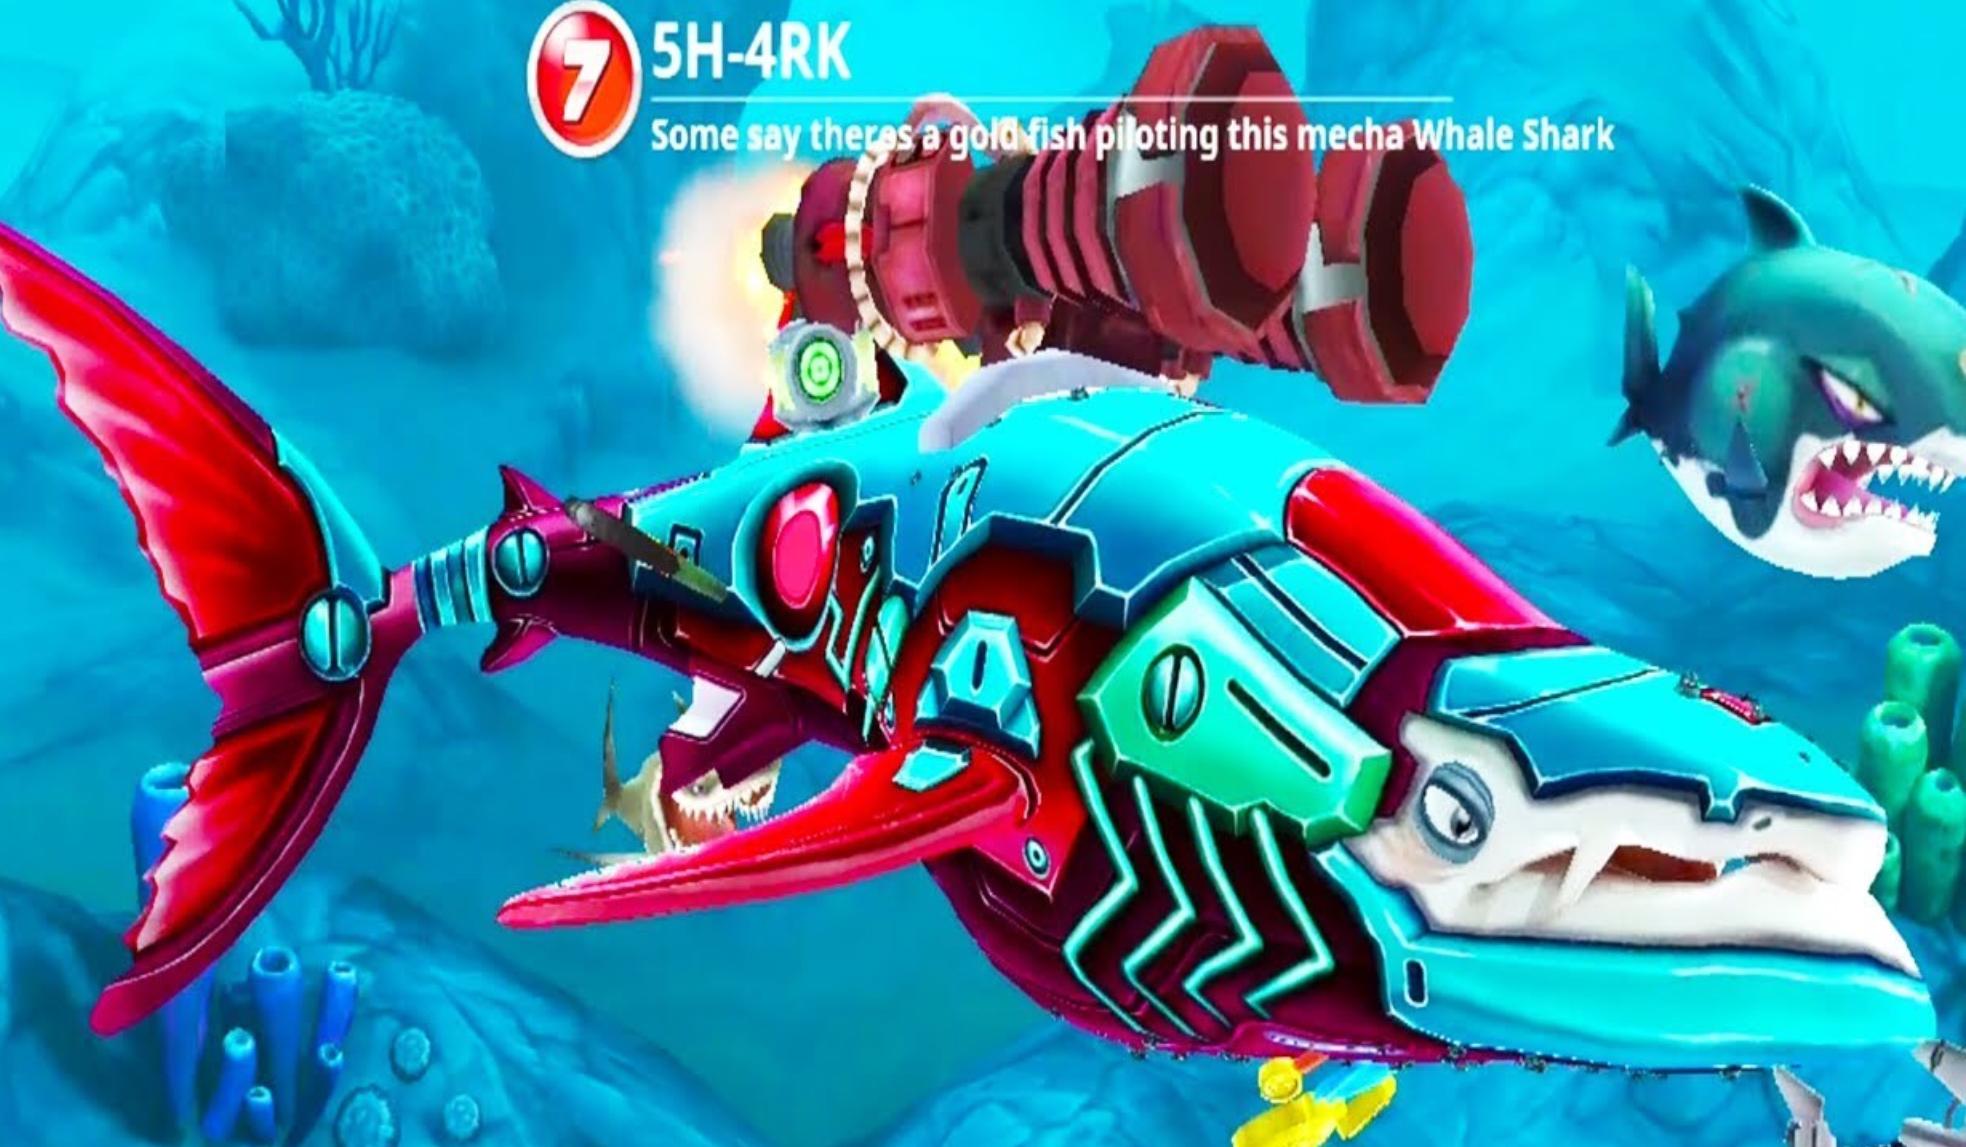 HSW Shark Skins